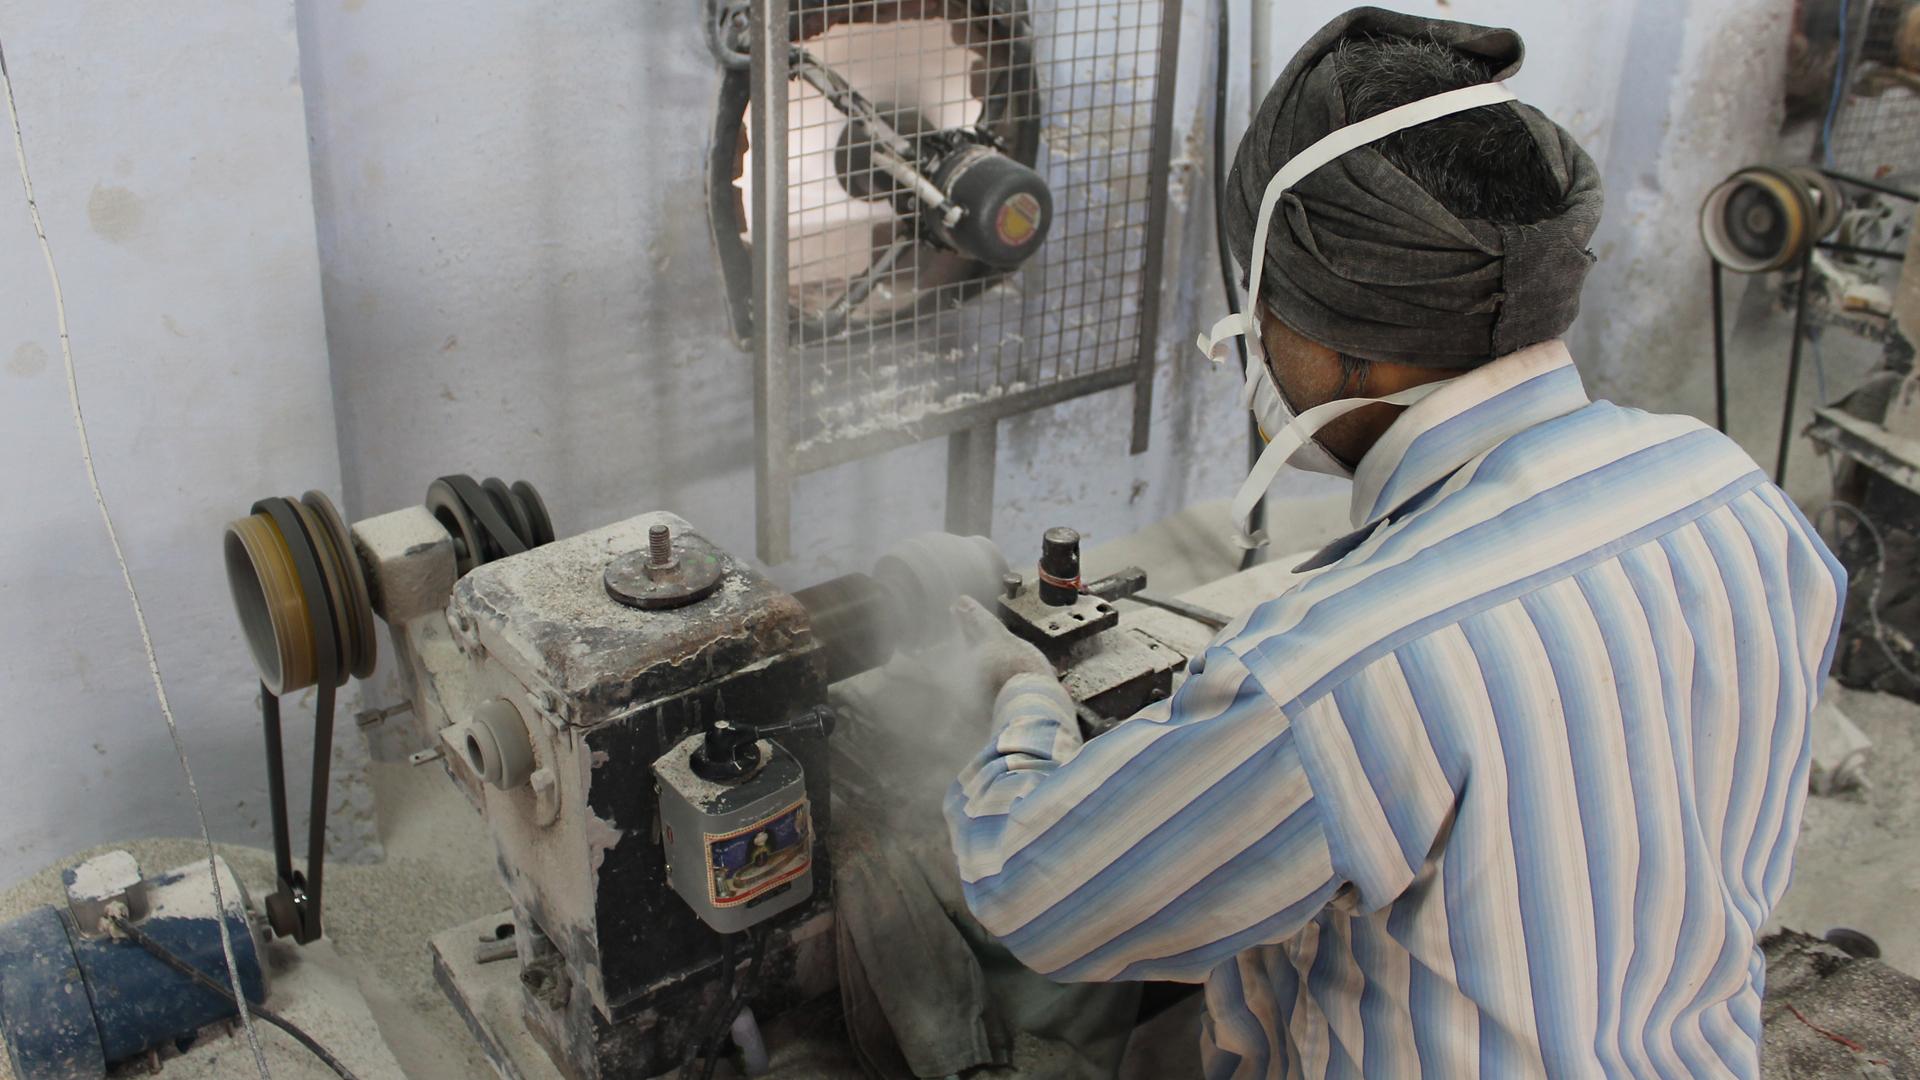 Faire Preise: Wir bezahlen fair – bei Handwerksprodukten übernehmen wir als Grundlage für den fairen Preis die Kalkulation unseres Handelspartners.